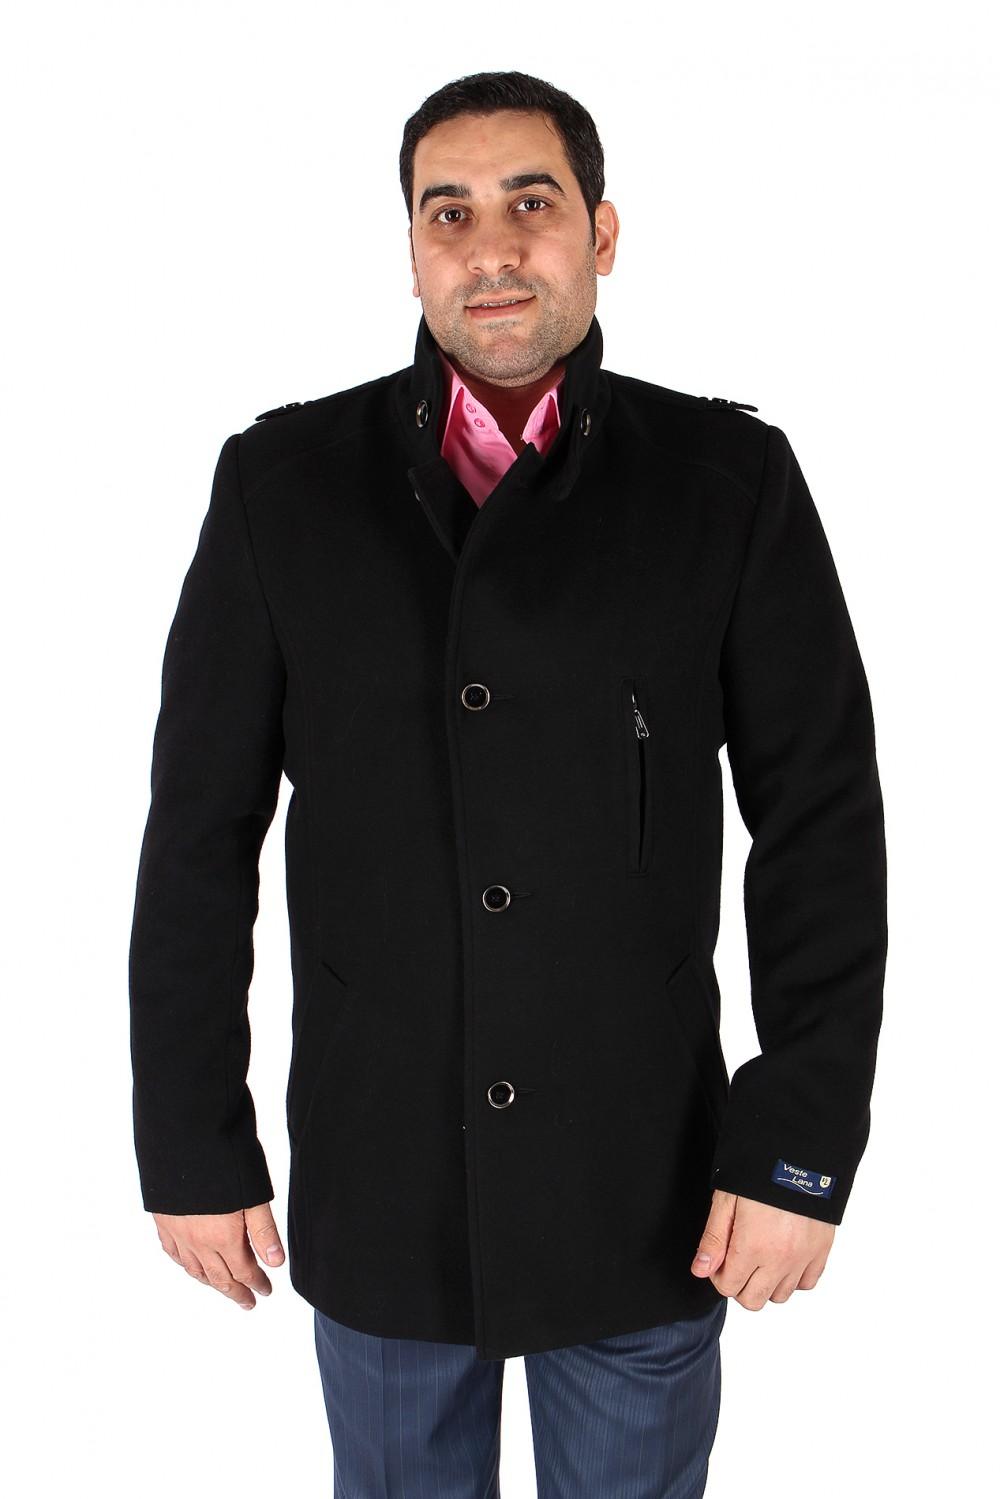 Купить                                  оптом Полупальто мужское черного цвета Кс-25Ch